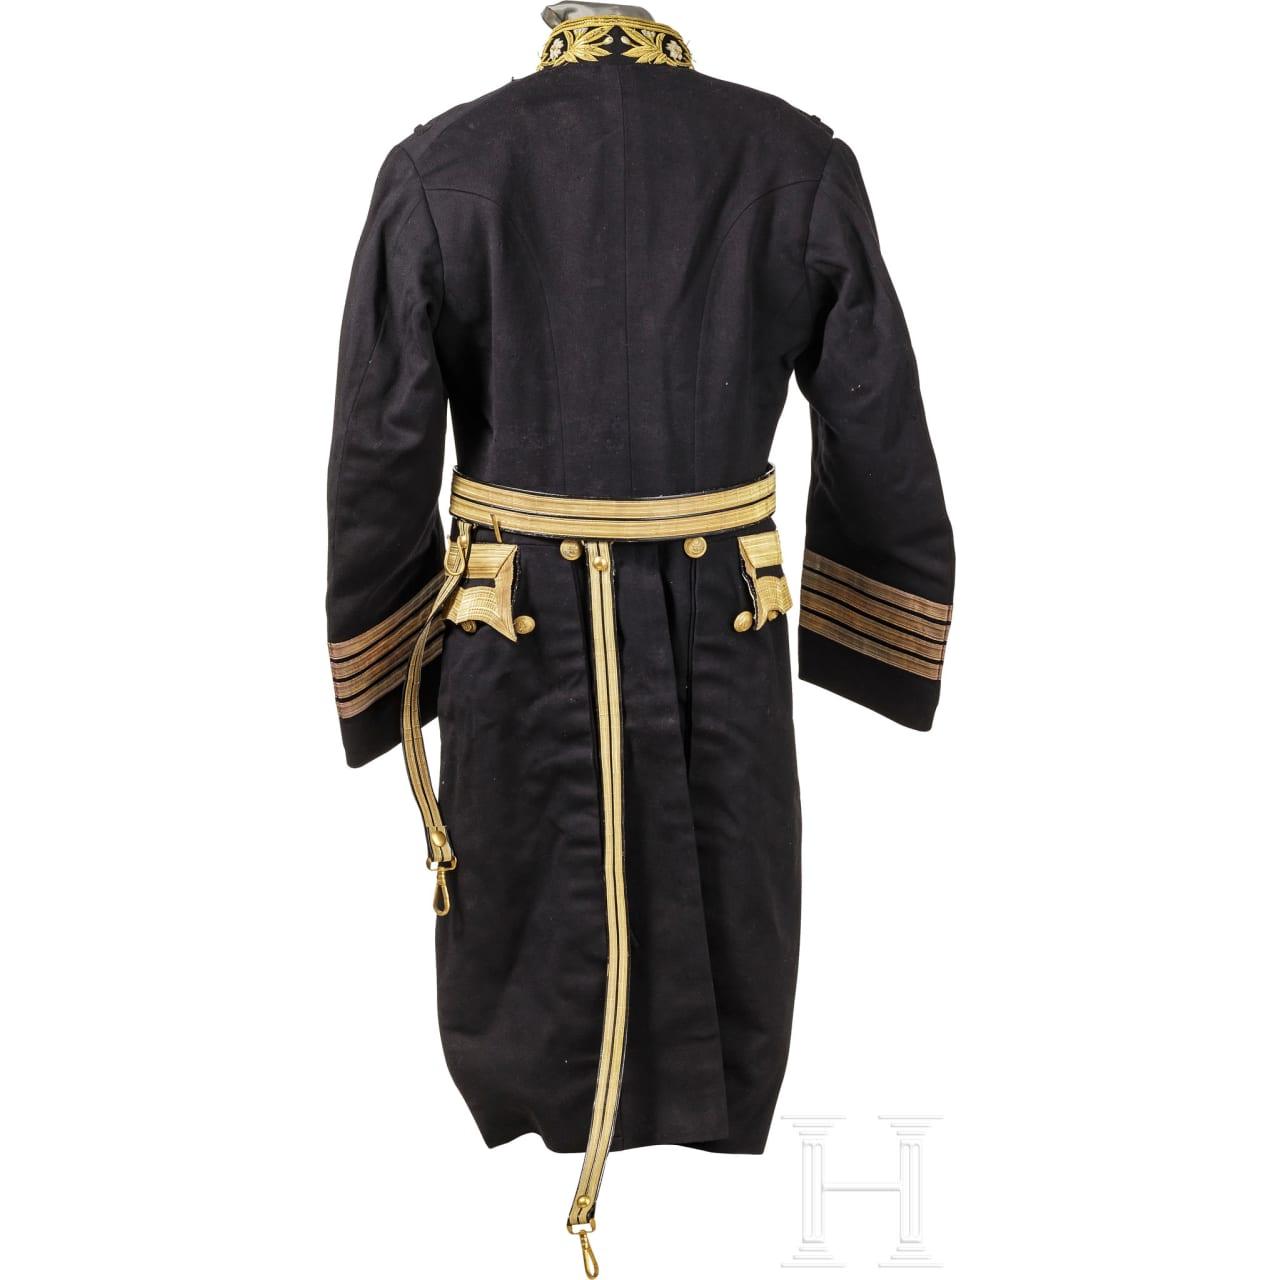 Uniformensemble eines Kapitäns der Kaiserlich Japanischen Marine im 2. Weltkrieg